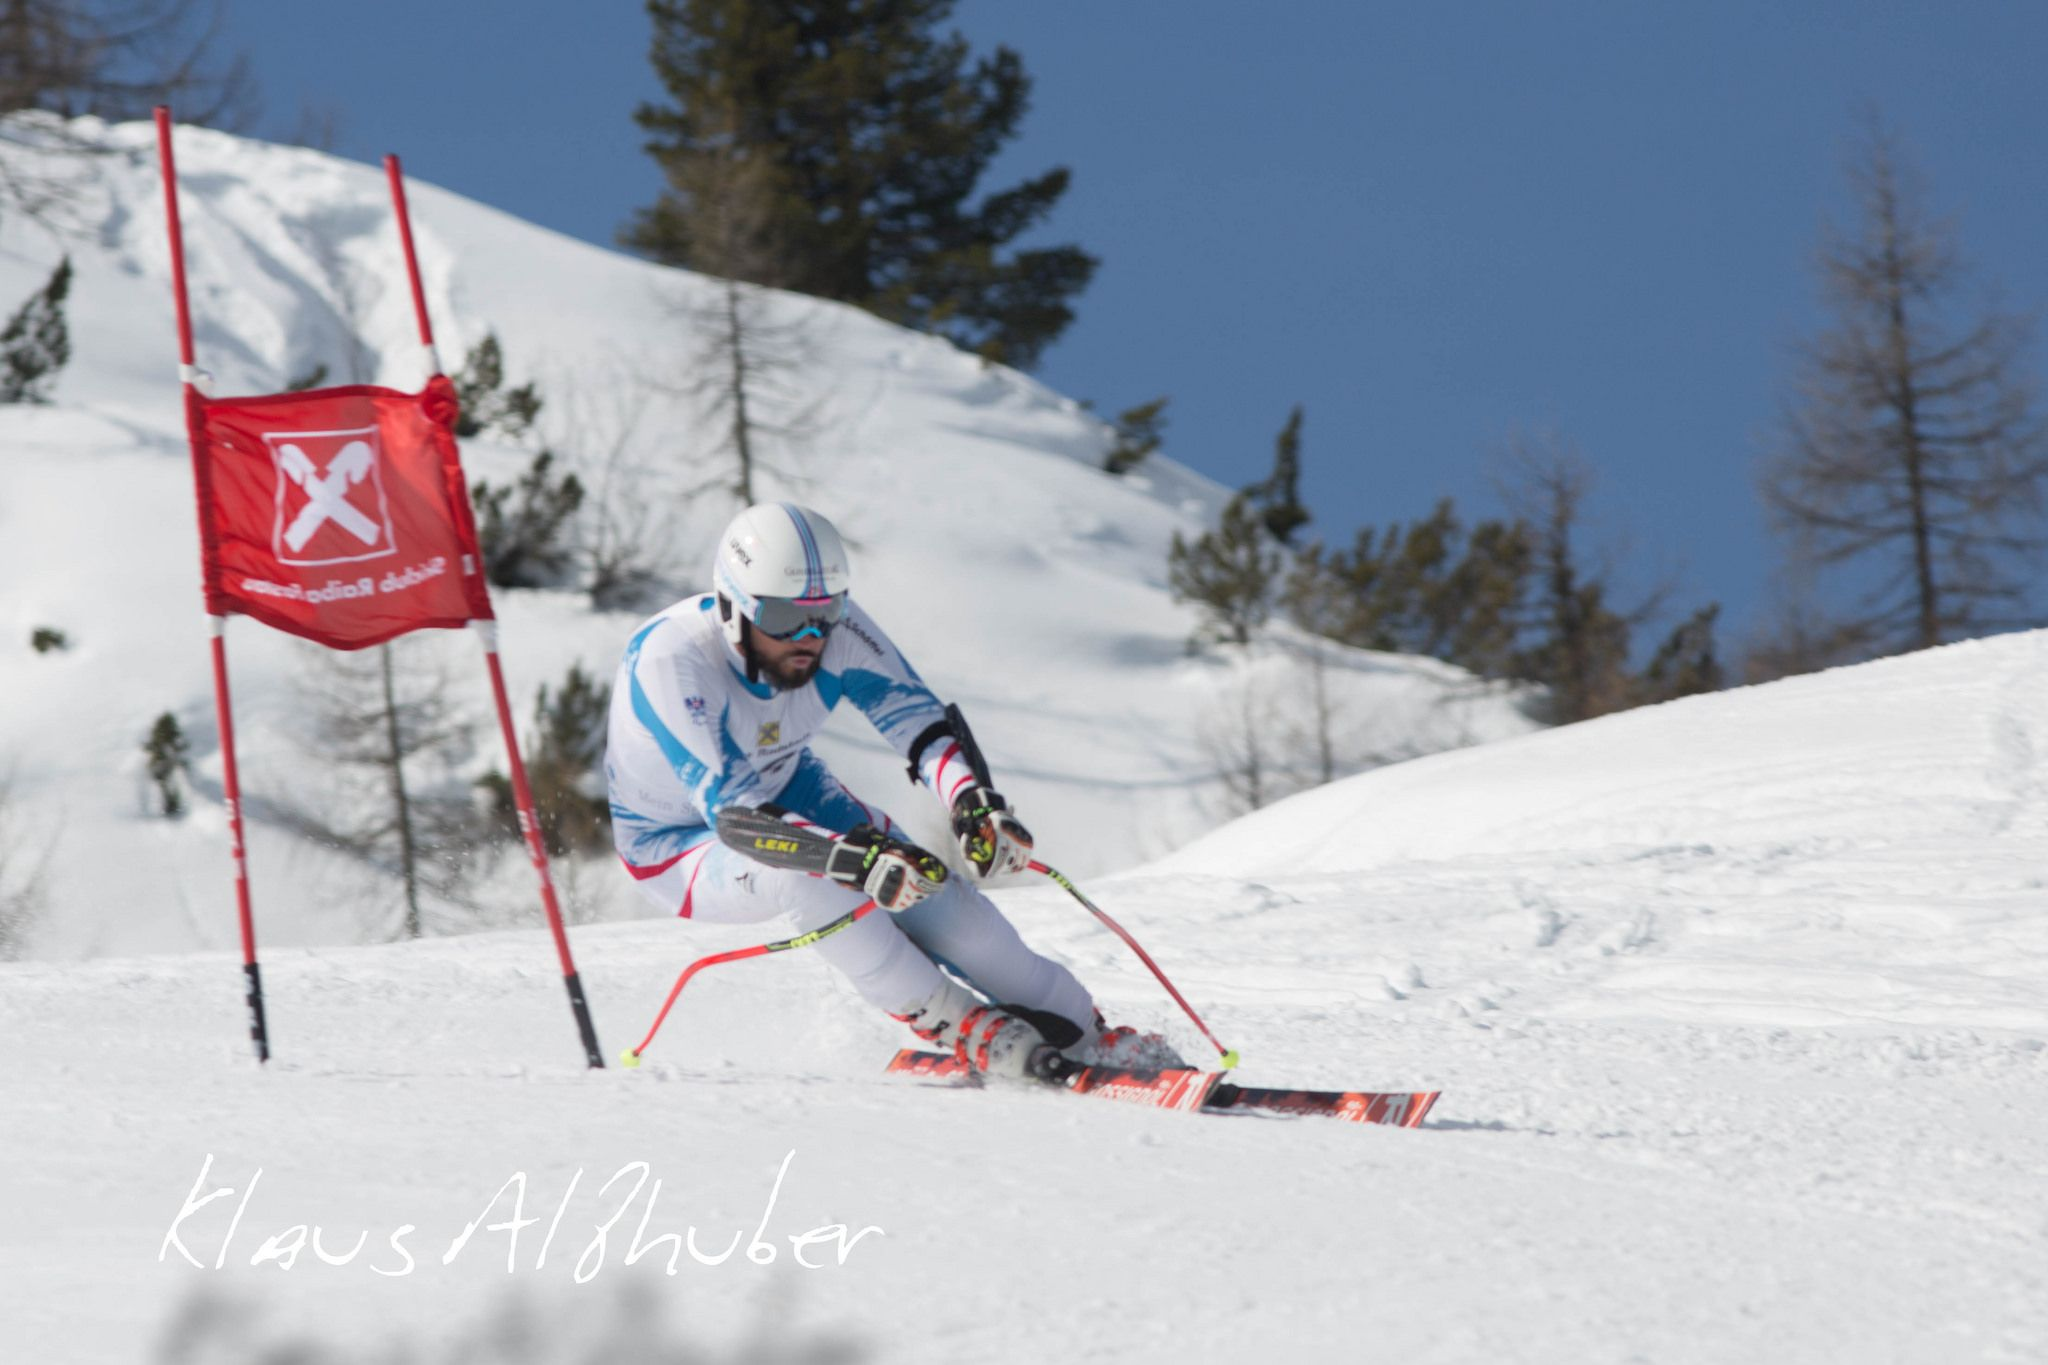 Austriacup4